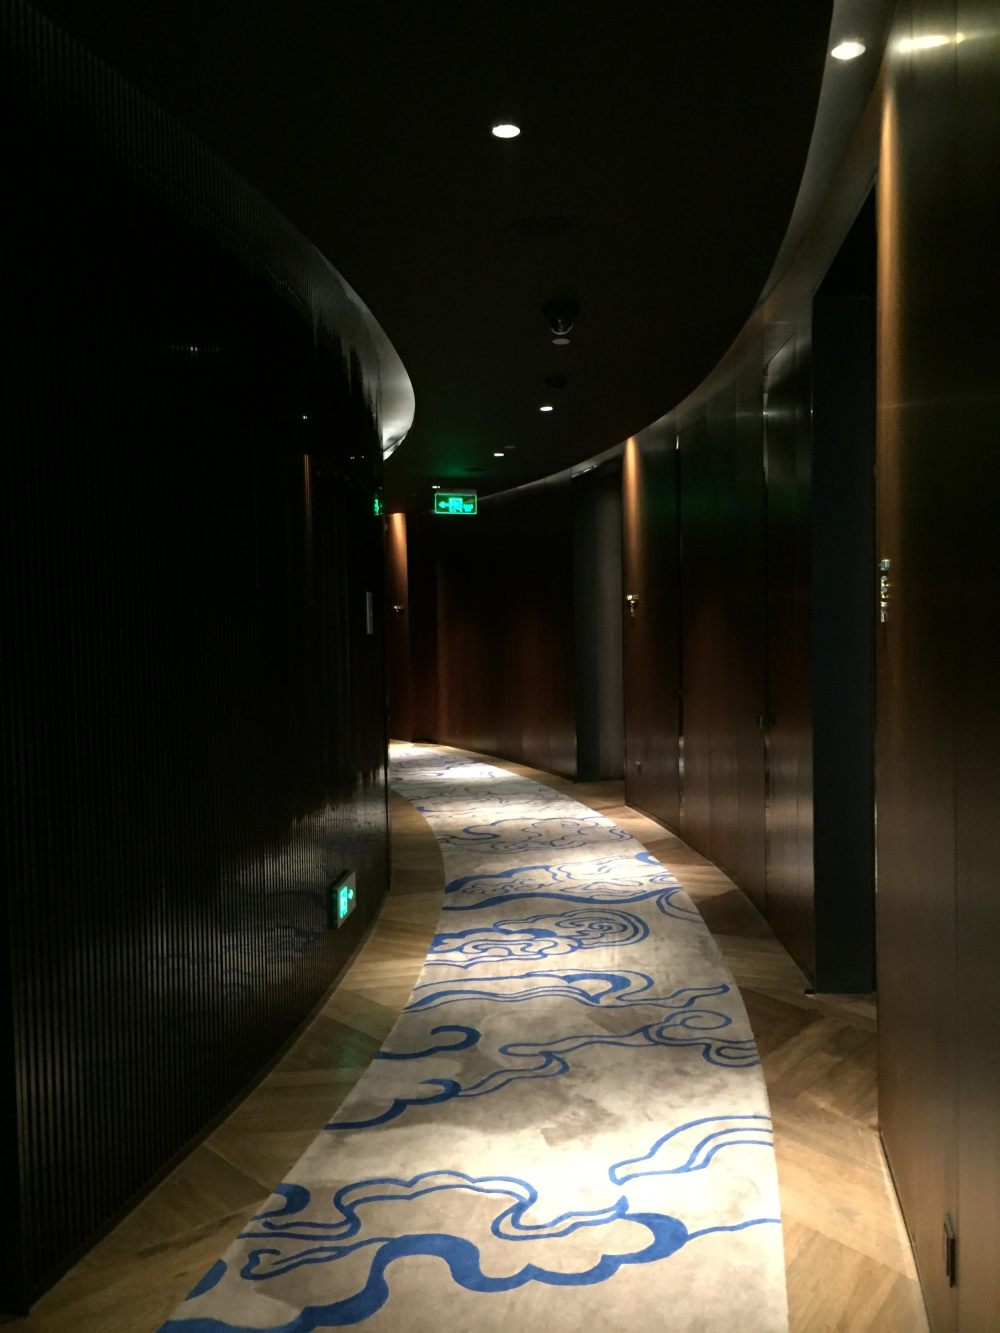 上海外滩W酒店,史上最全入住体验 自拍分享,申请置...._IMG_6252.JPG